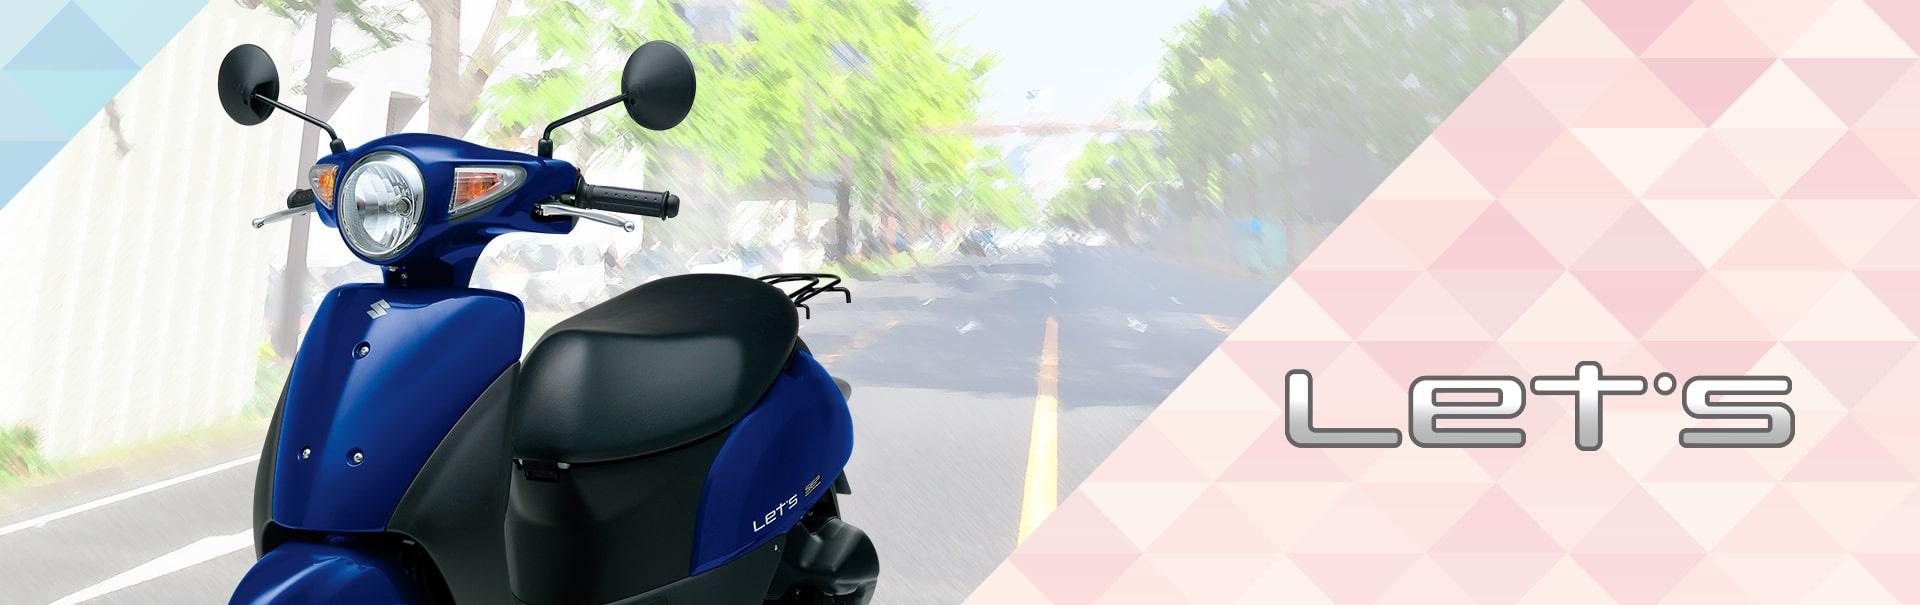 Suzuki Let's 50 2020